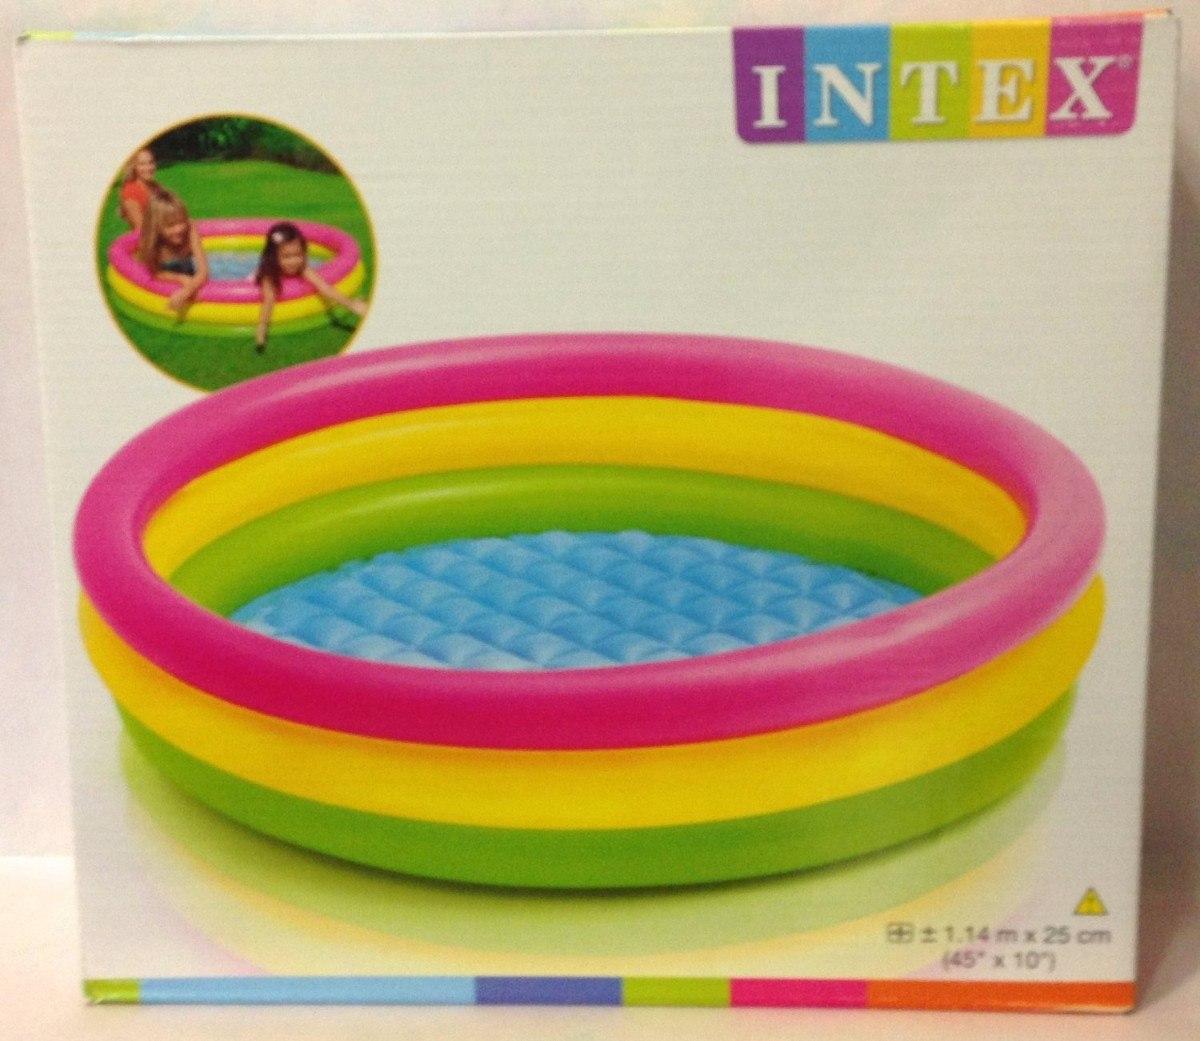 Piscina inflable ni os intex en mercado libre for Precios de piscinas inflables para ninos